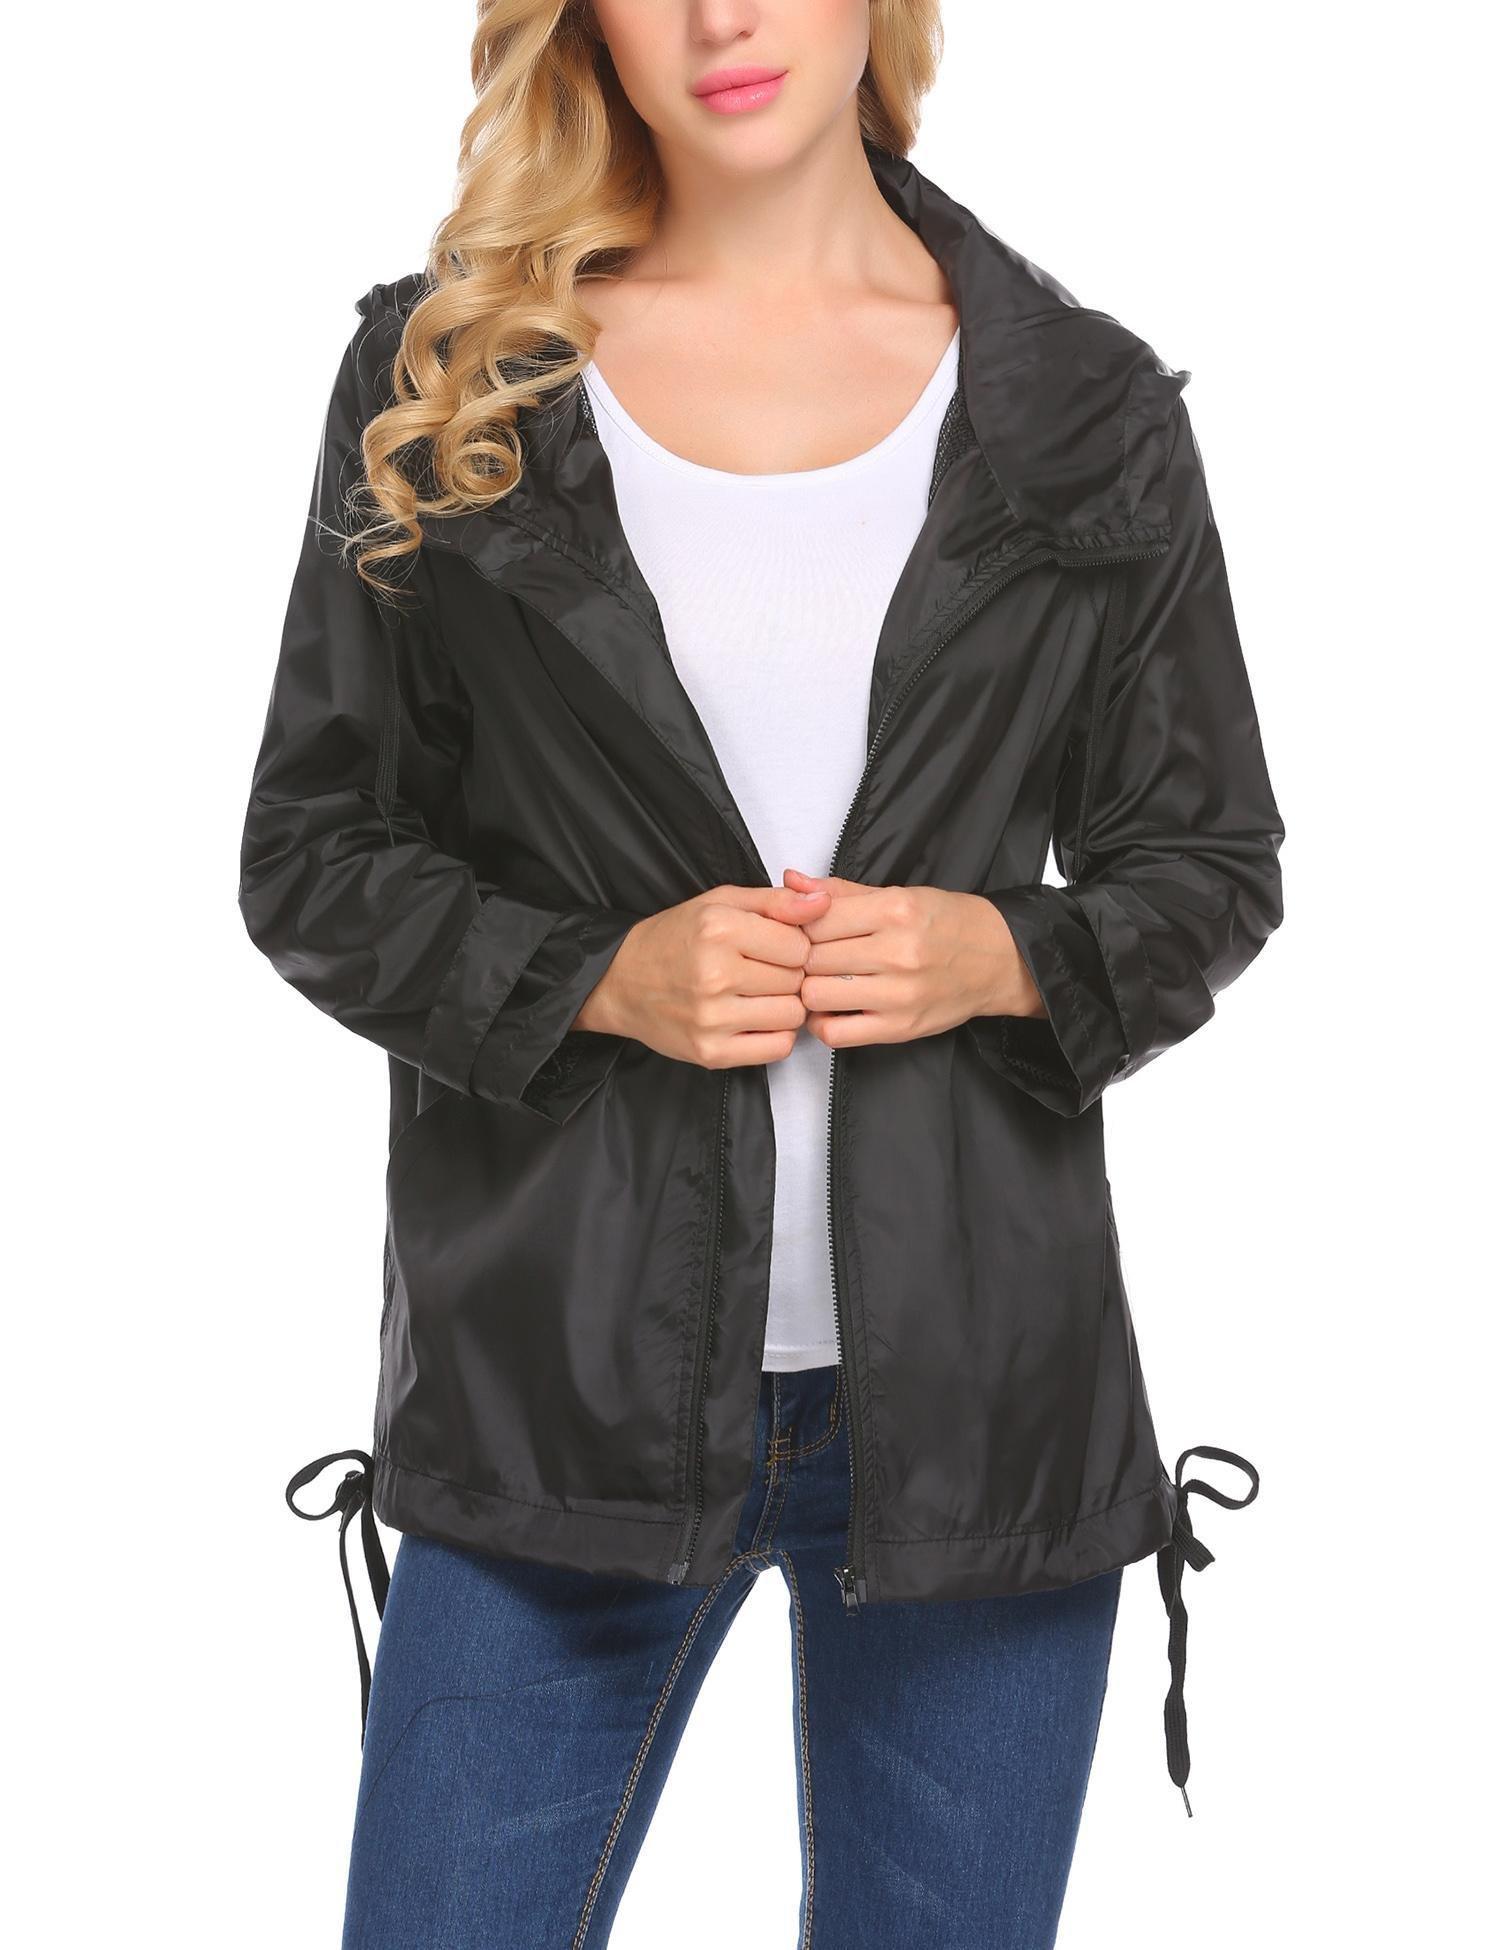 Zeagoo Women's Lightweight Travel Trench Waterproof Raincoat Hoodie Windproof Hiking Coat Black,XL